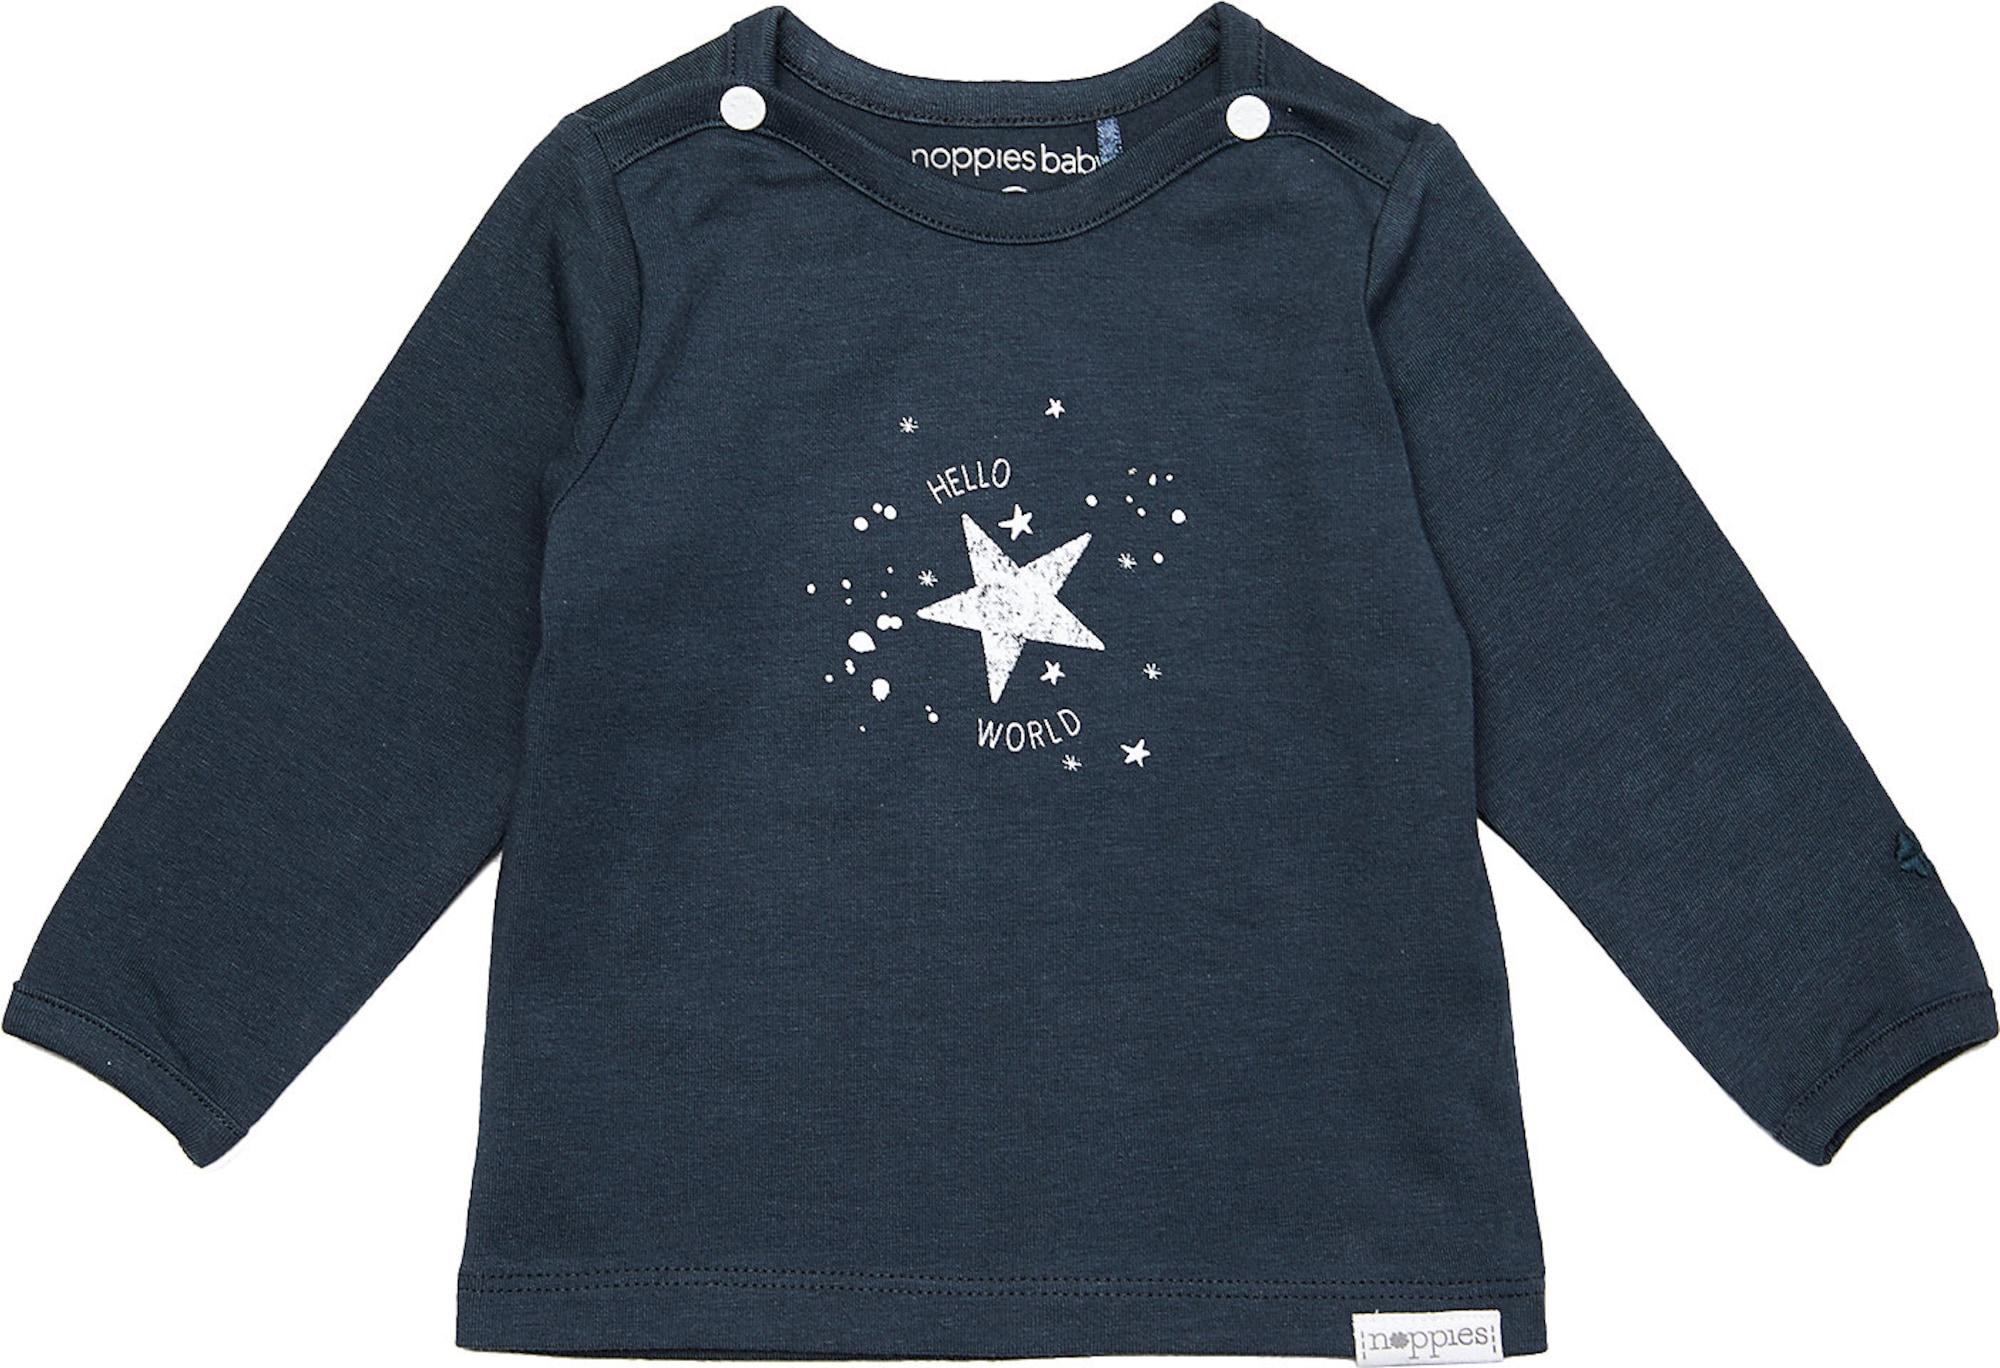 Noppies Marškinėliai 'Lux' balta / tamsiai mėlyna